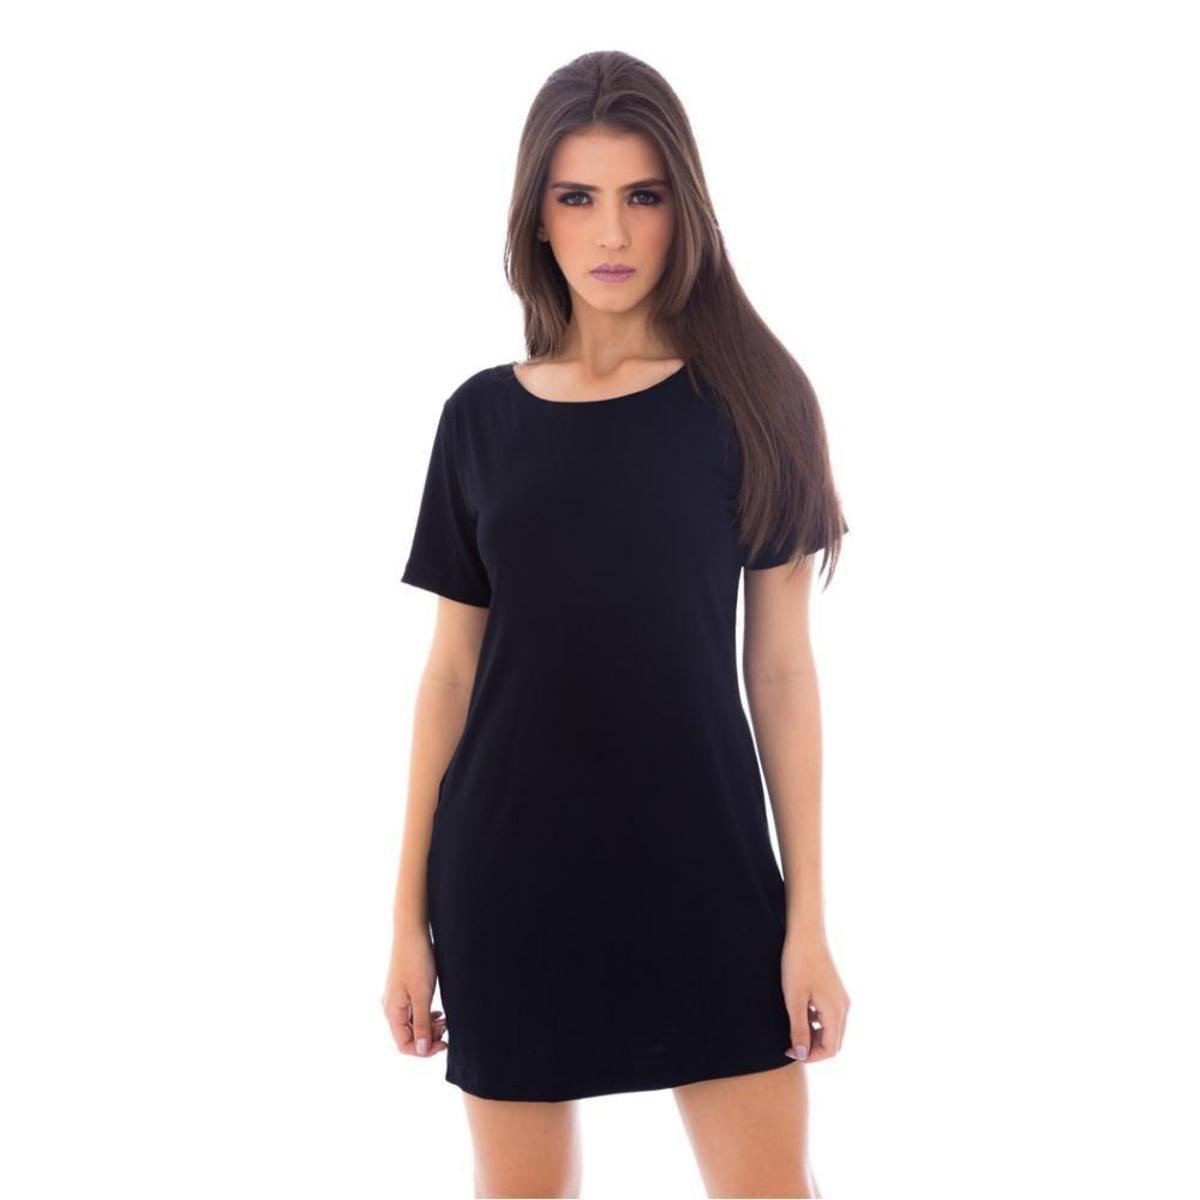 Vestido Camiseta Moda Vicio Feminino Preto